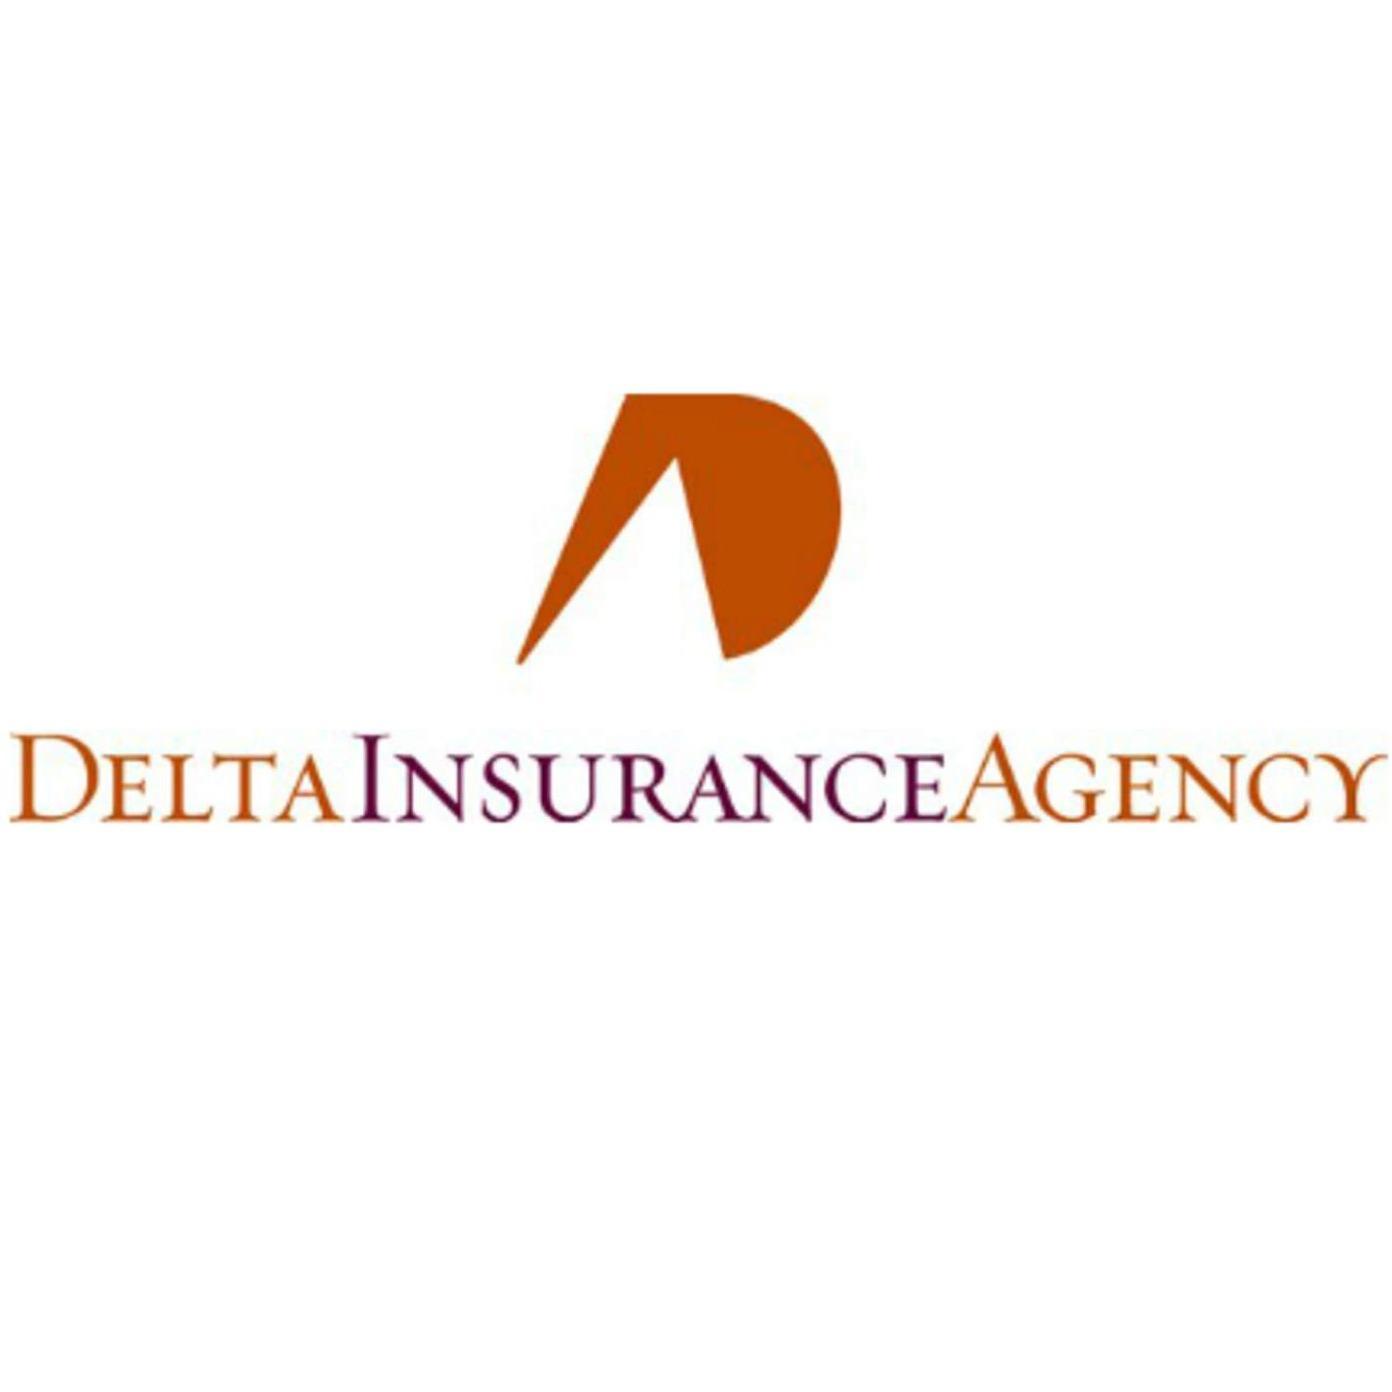 Delta Insurance Agency Ltd